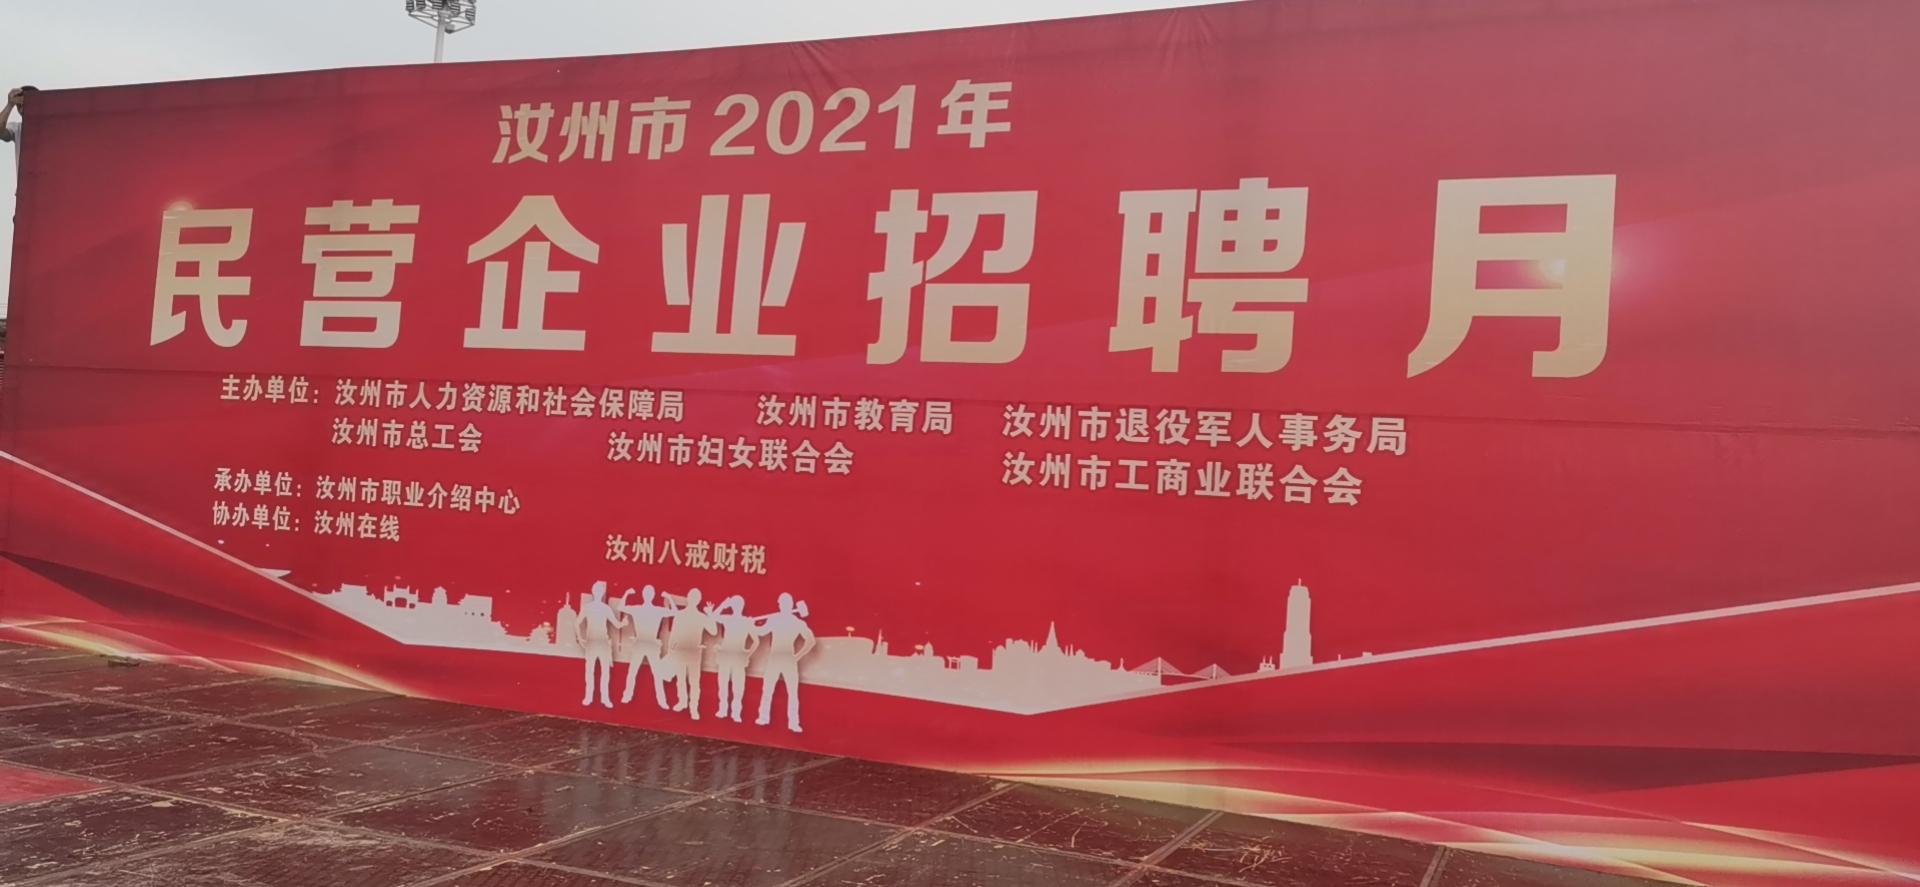 """河南汝州在线举办2021年汝州市""""职""""在..."""